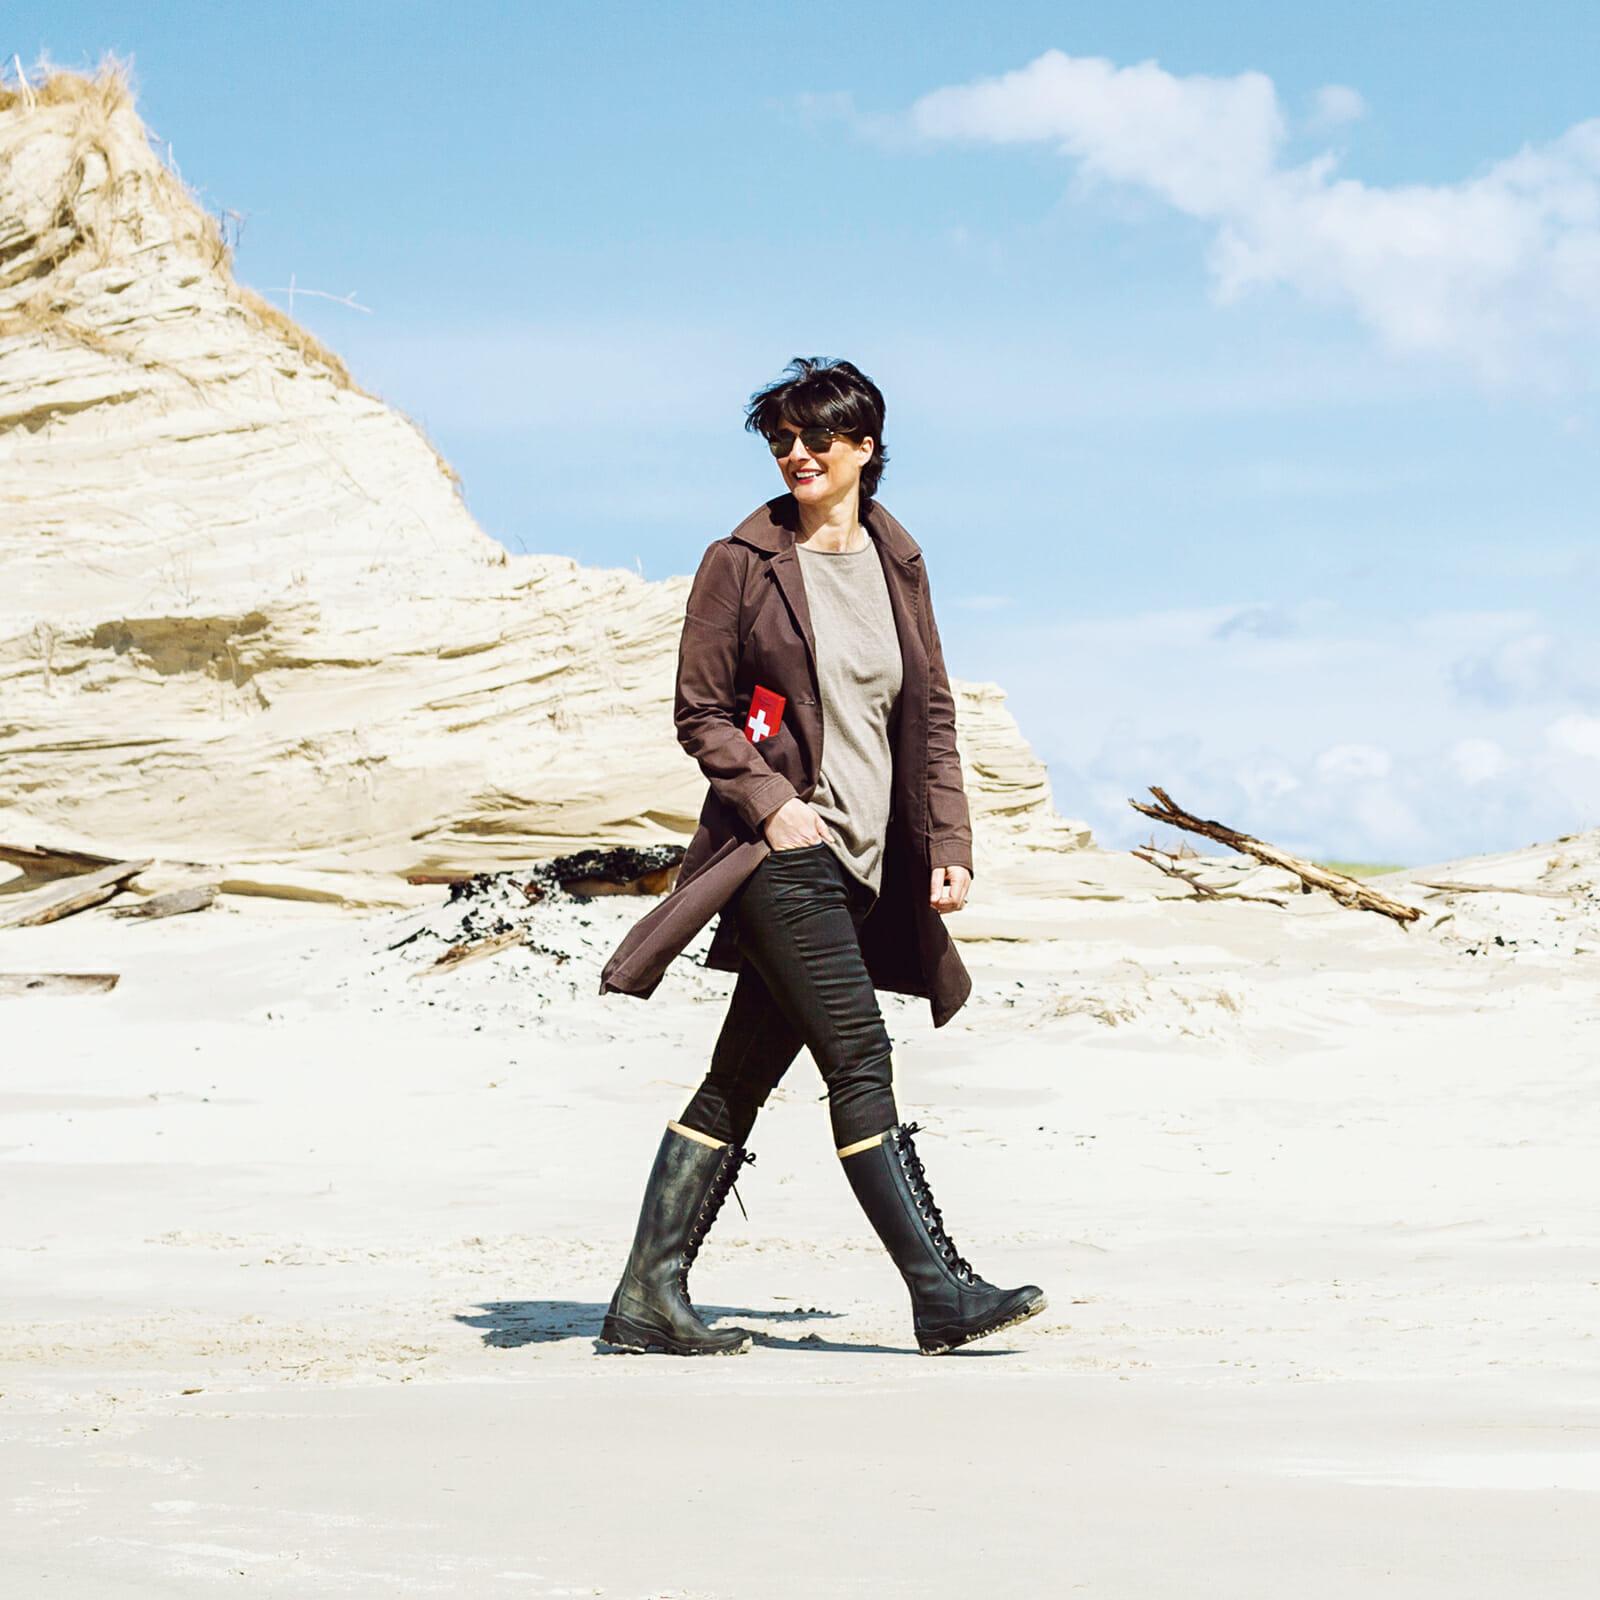 Schweizerin Sylvia Tommasi von Dünenbergen im Inselosten von Norderney